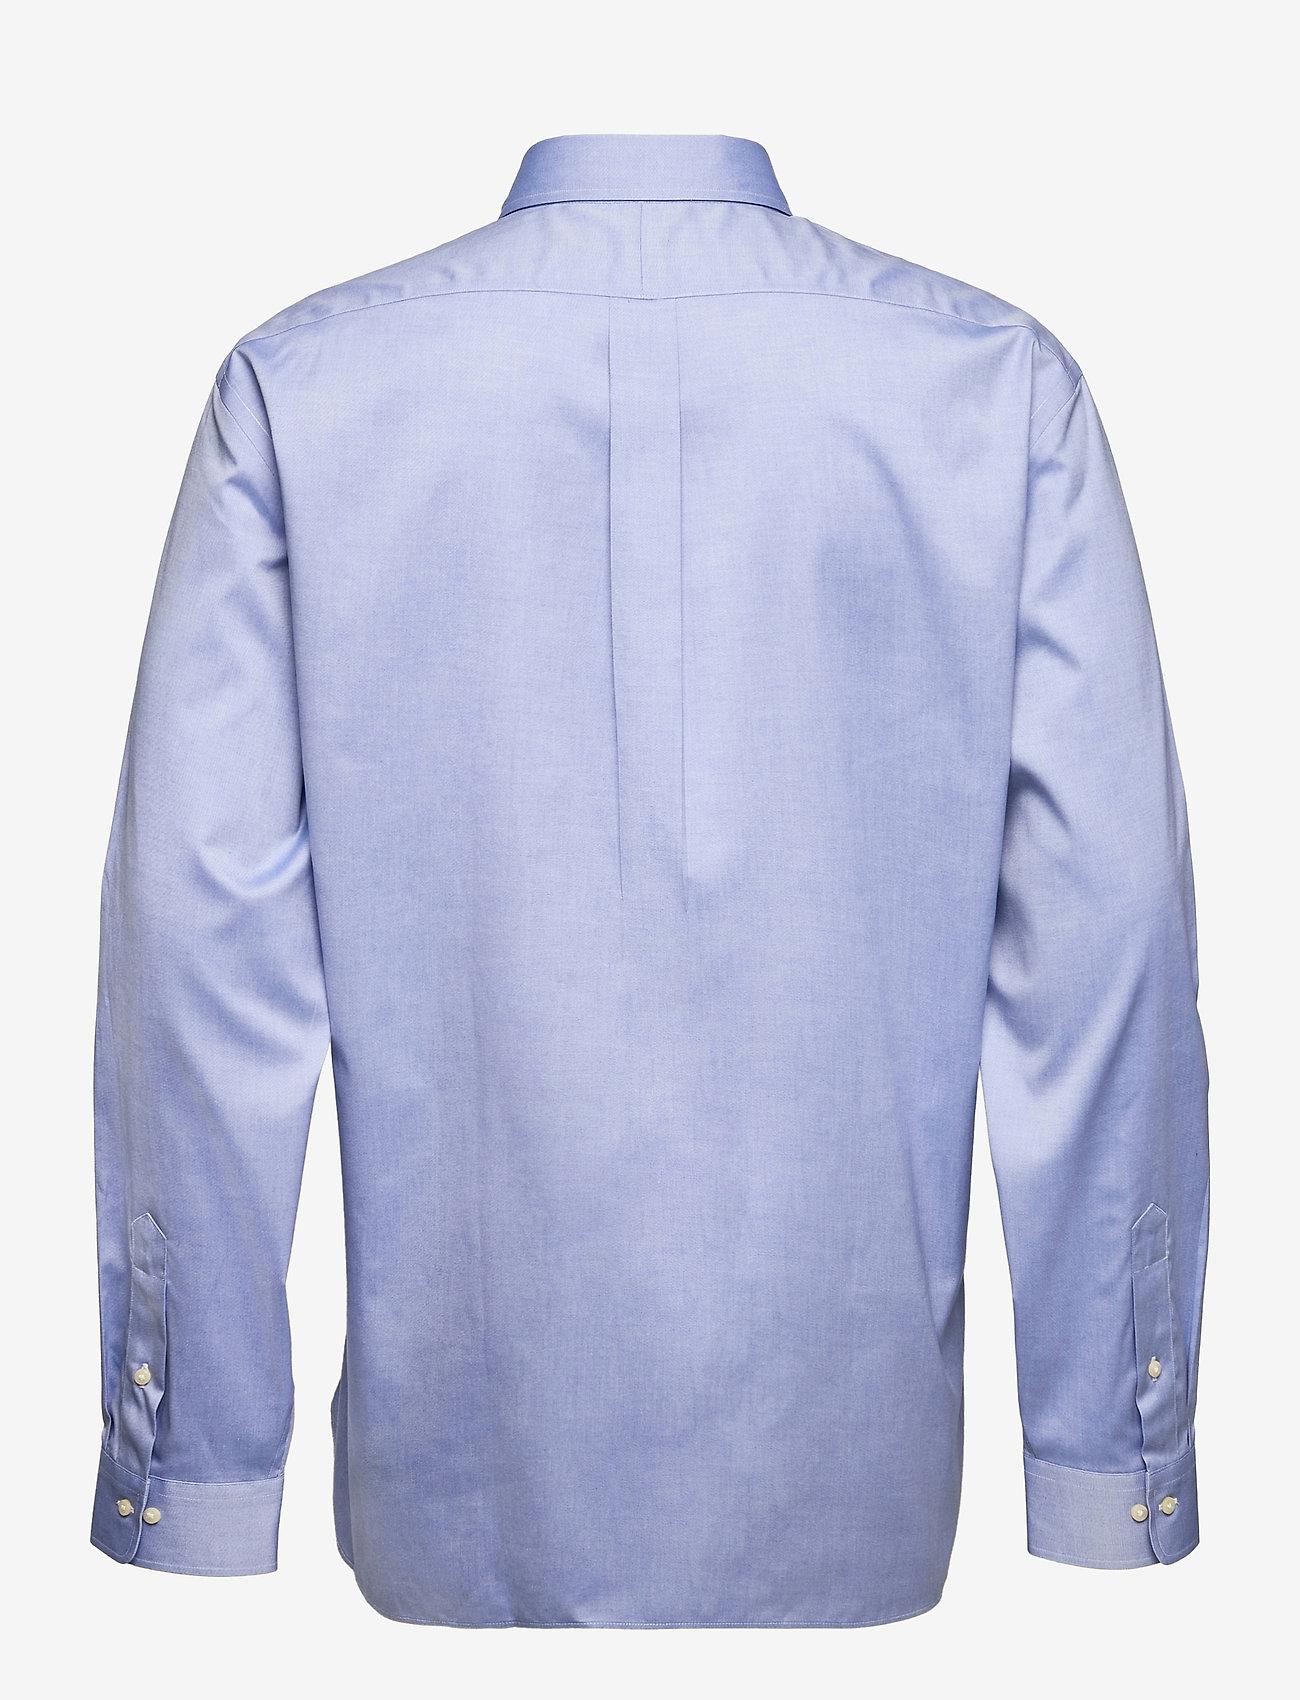 Polo Ralph Lauren - Classic Fit Easy Care Oxford - peruspaitoja - 1021p true blue/w